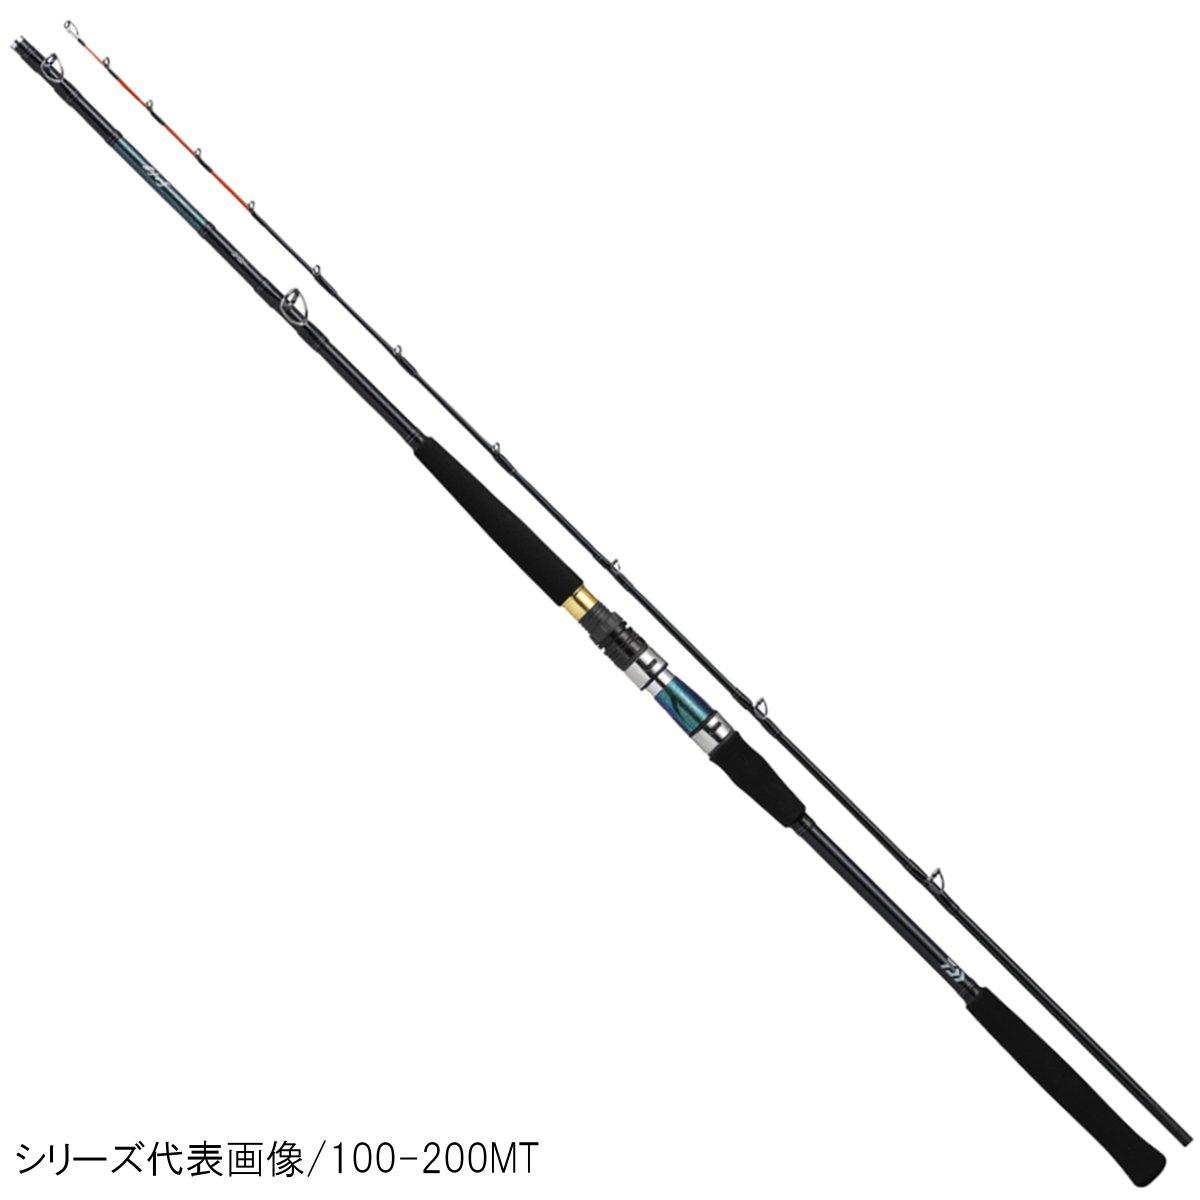 ダイワ 剣崎 MT 100-170MT(東日本店)